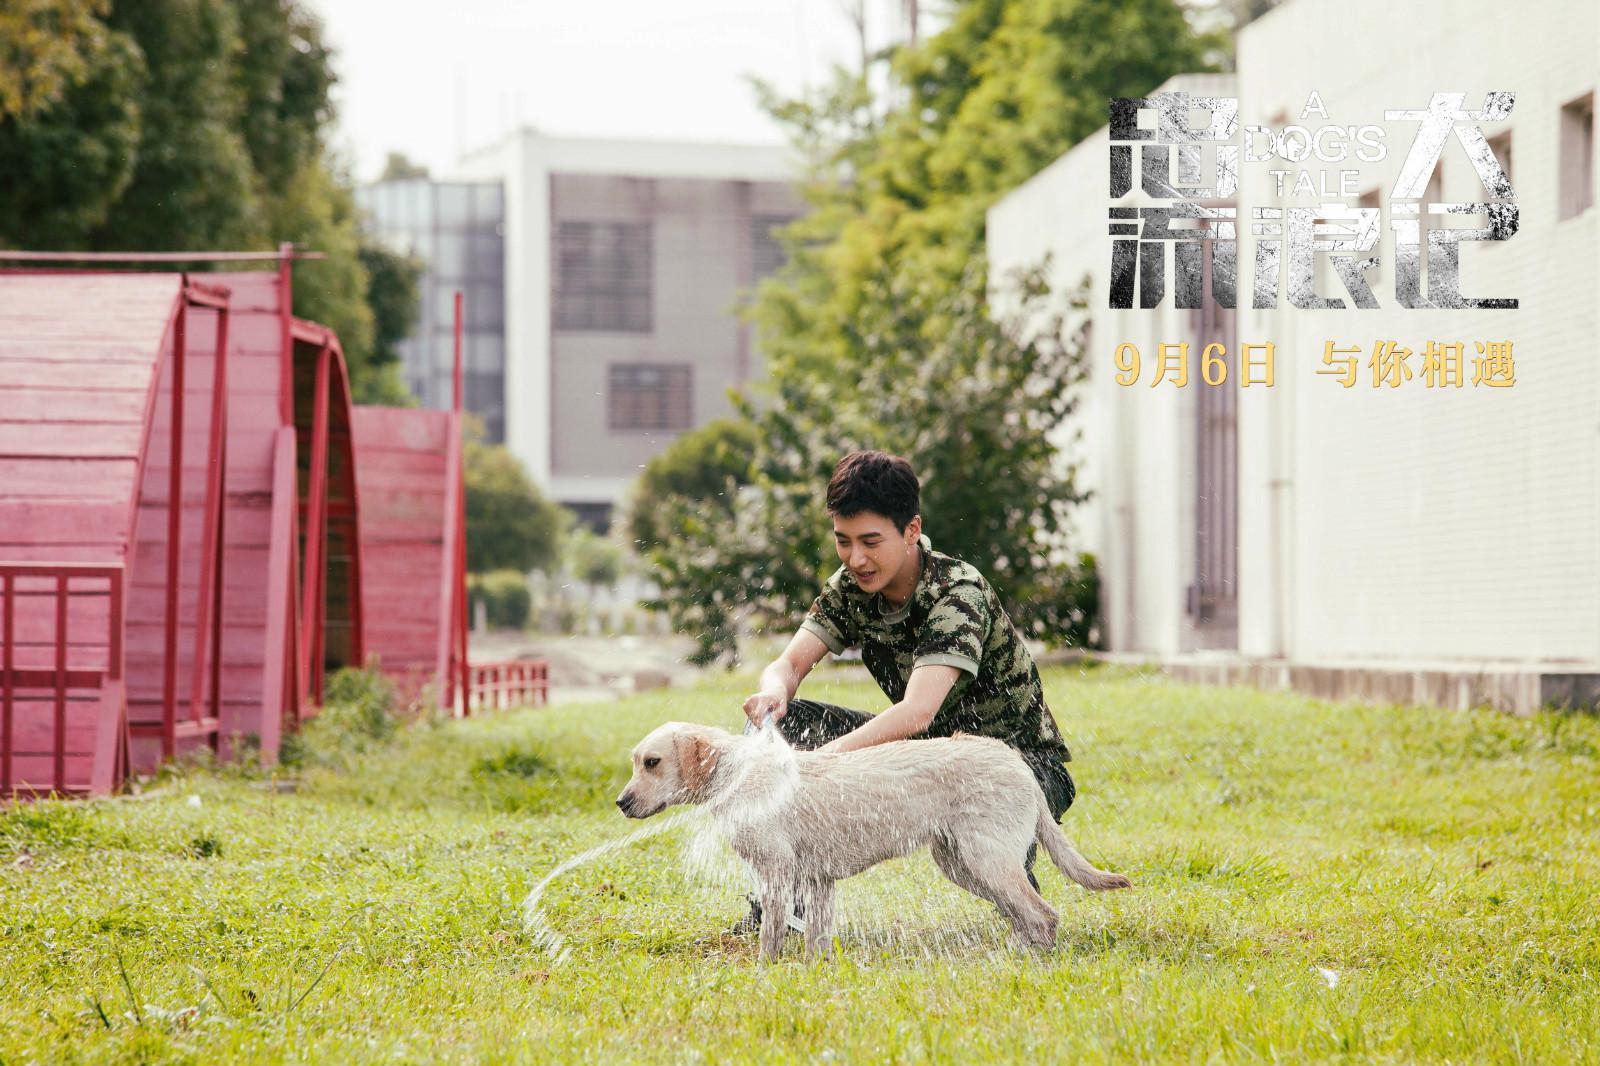 电影《忠犬流浪记》发布定档预告 9月6日温情上映只为感动你